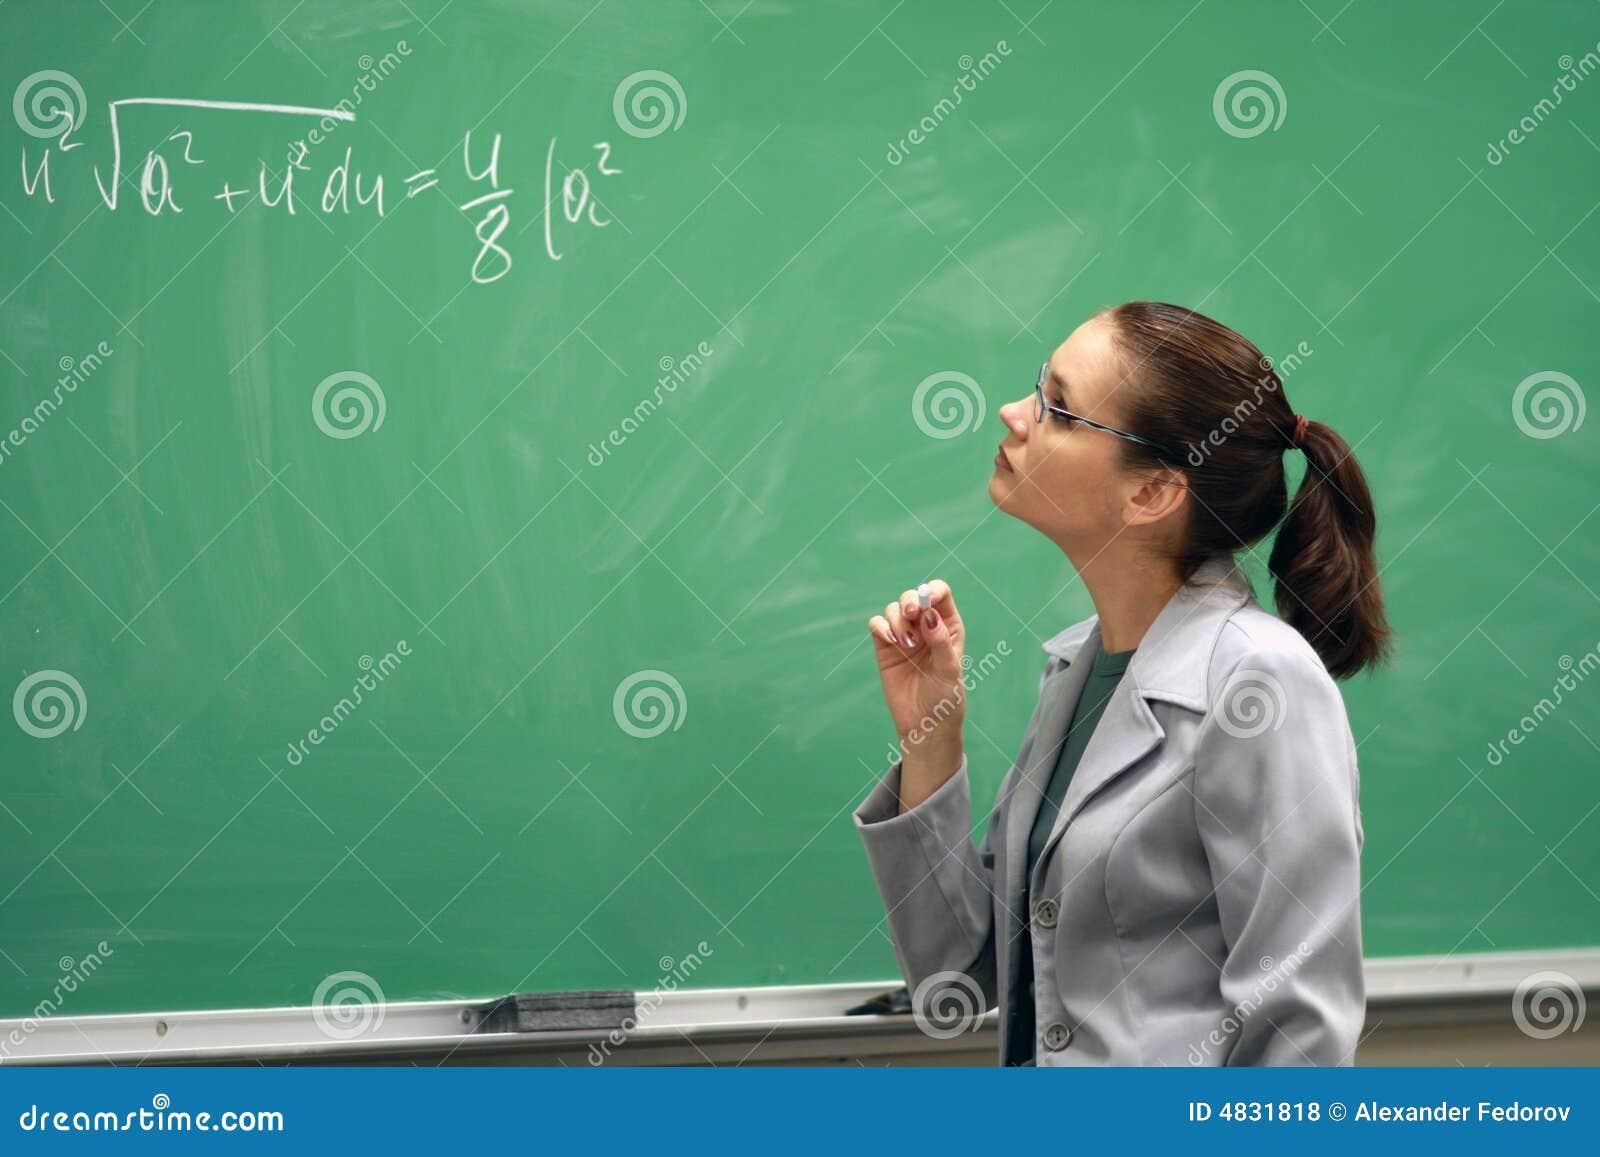 Lehrer und das greenboard